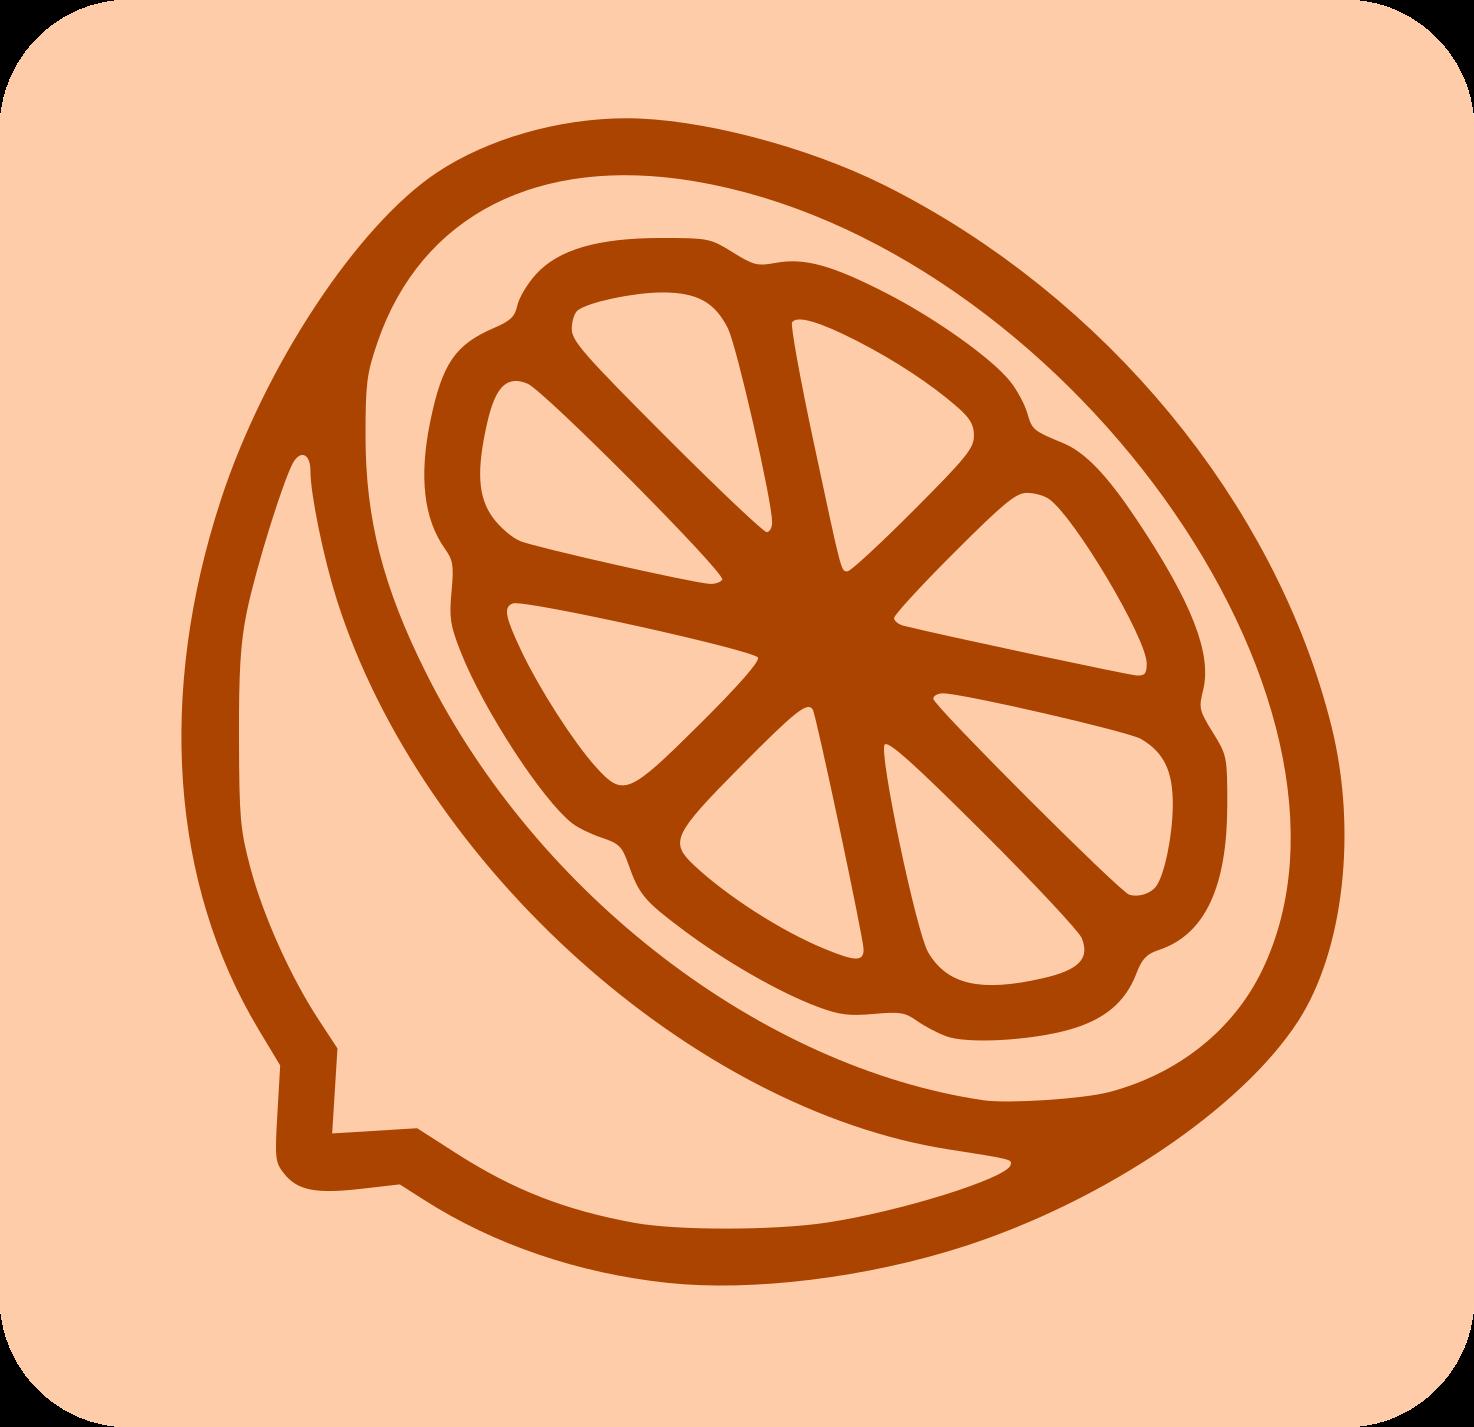 Icono Media Naranja